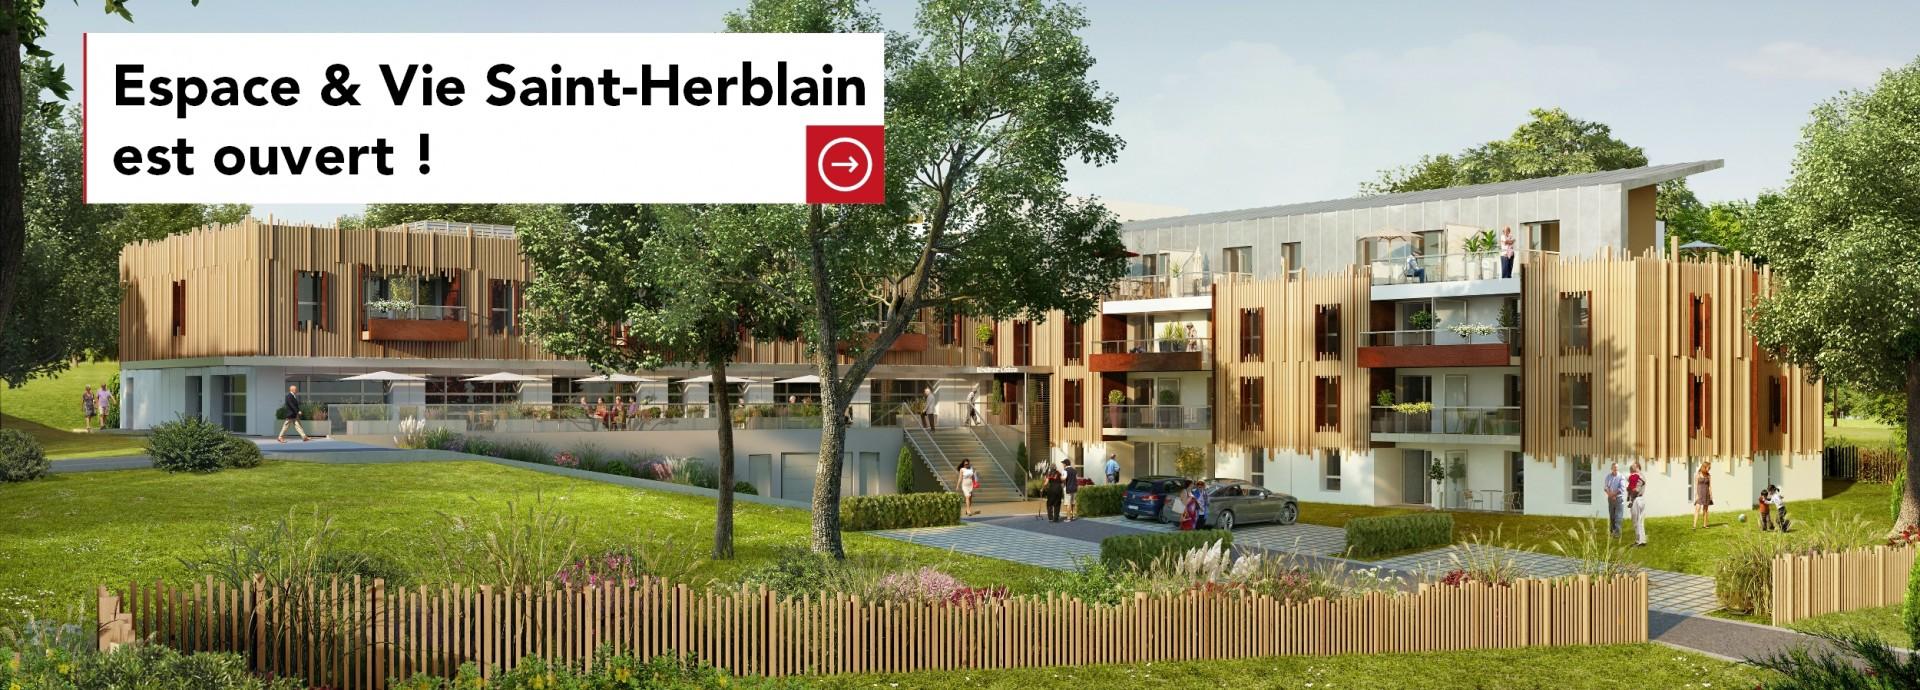 Espace & Vie Saint-Herblain est ouvert !